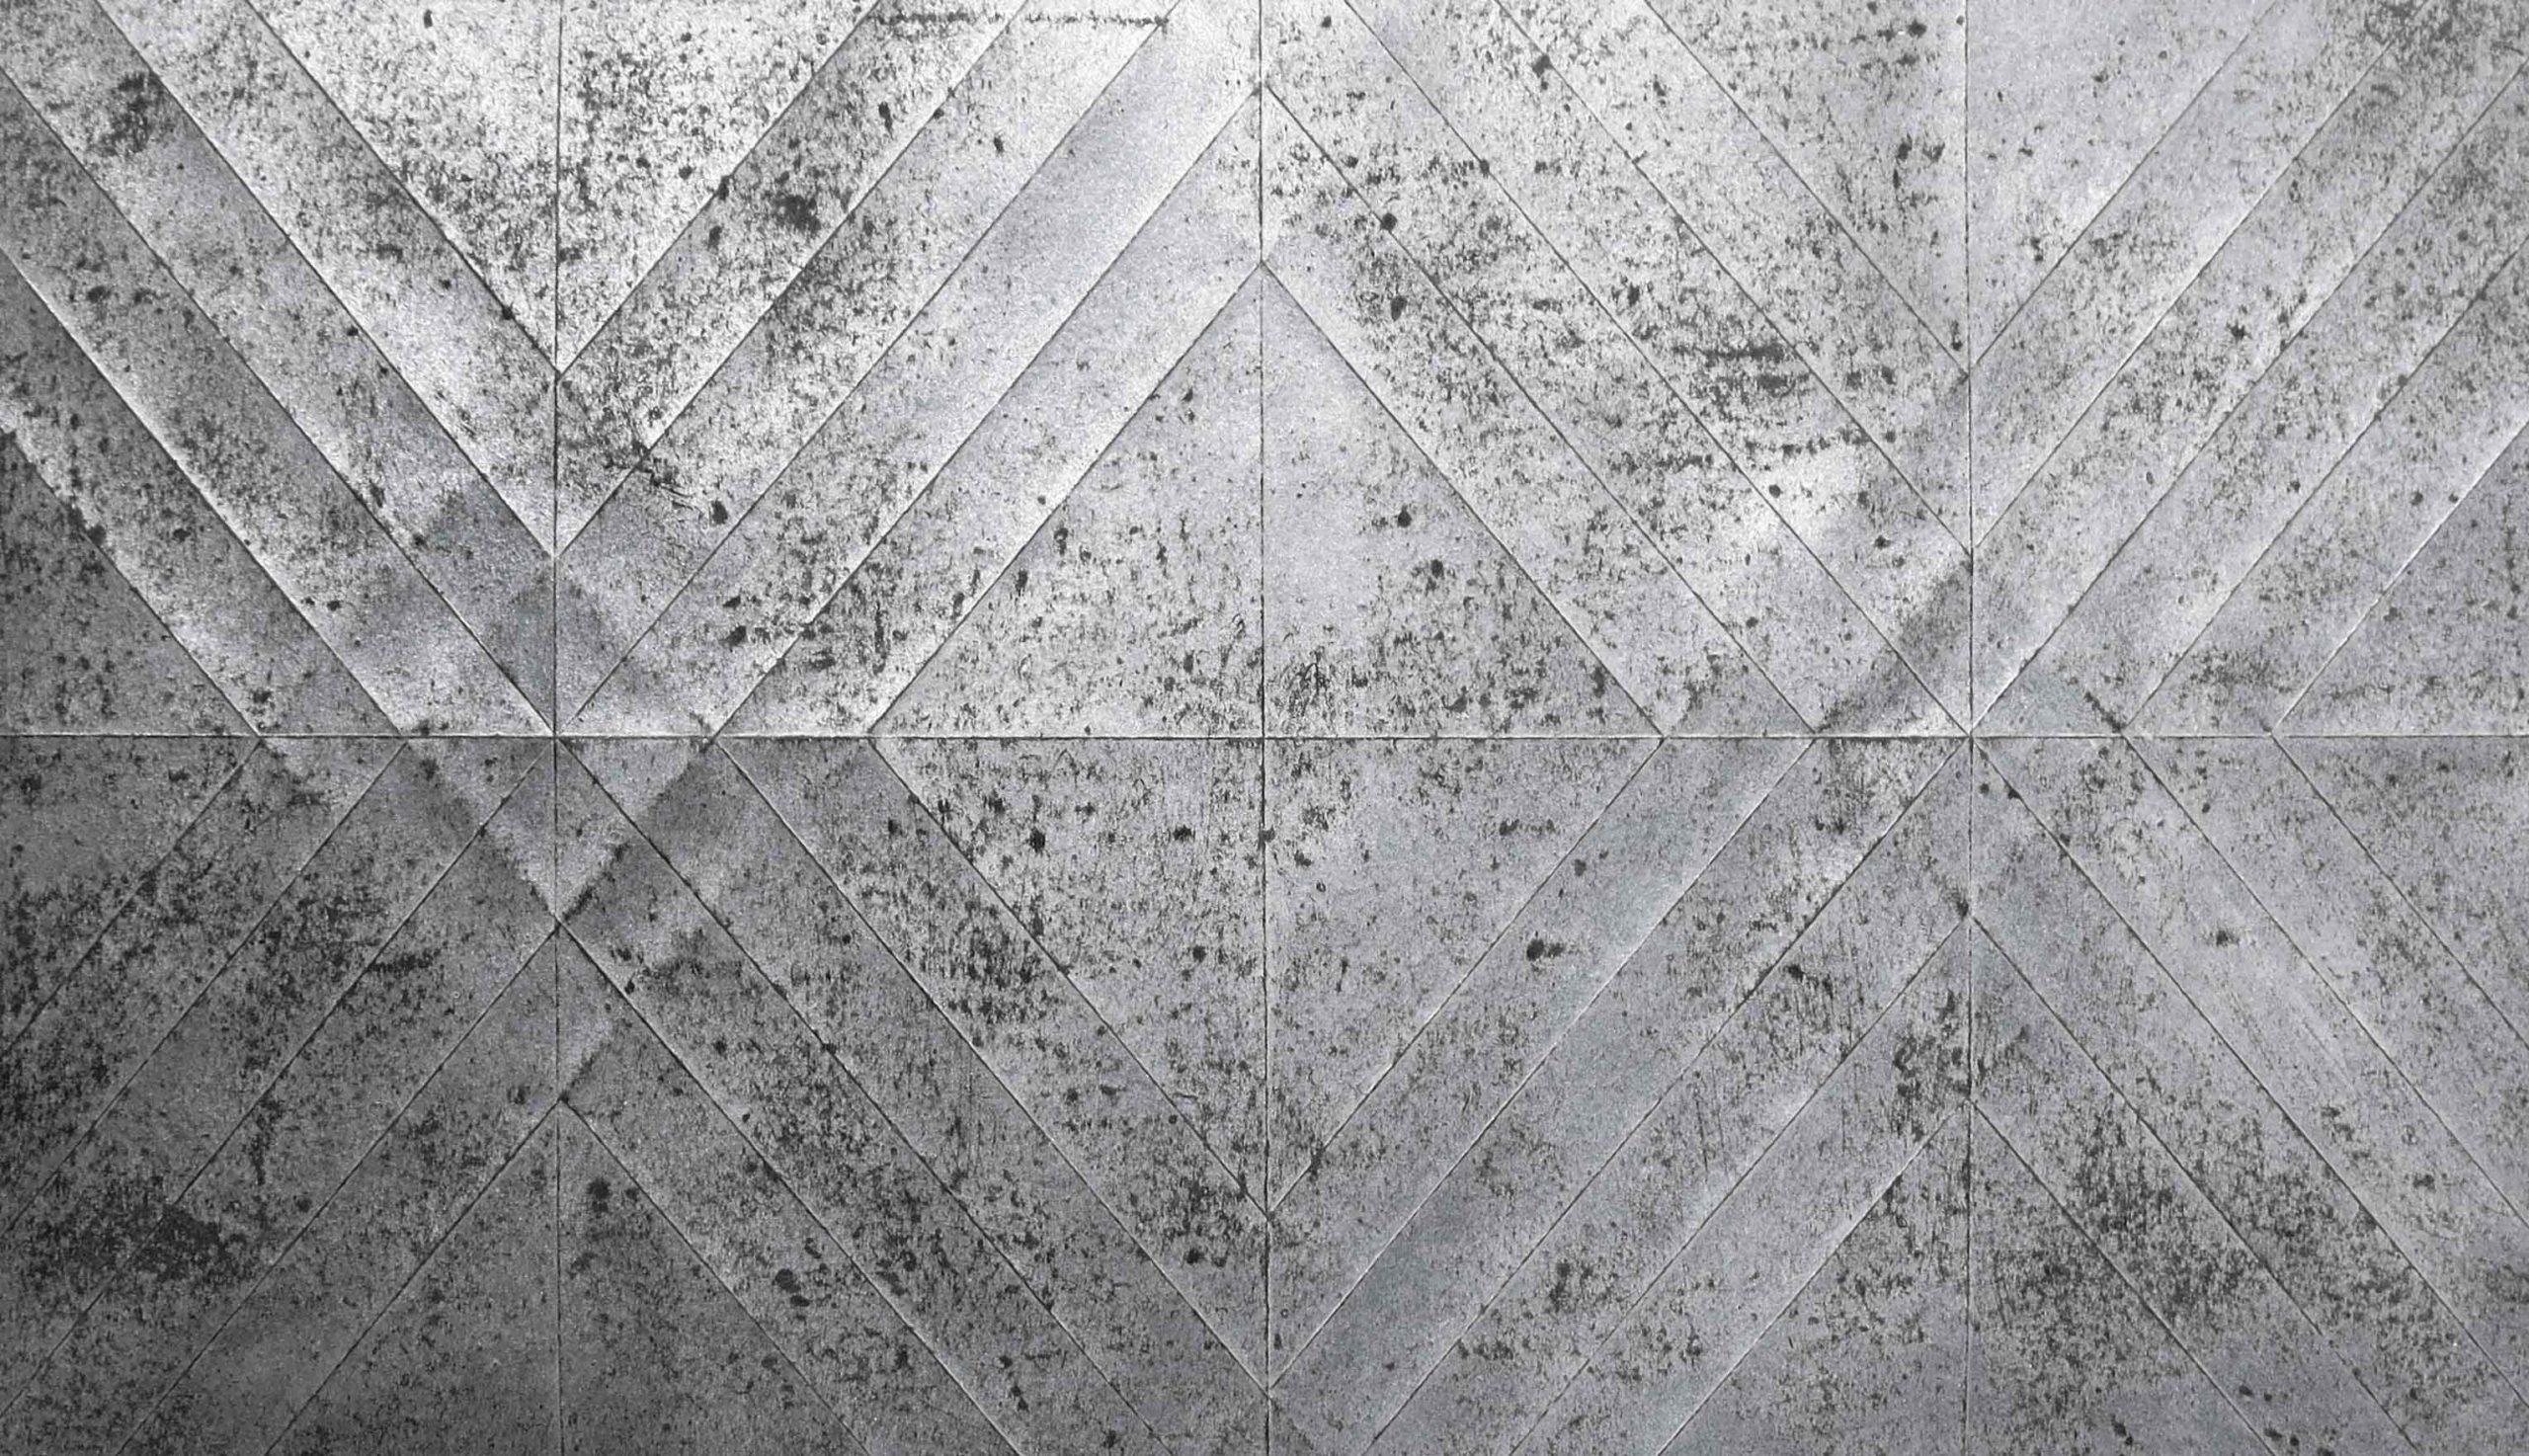 Cristina Treppo, carta catramata trattata e piegata